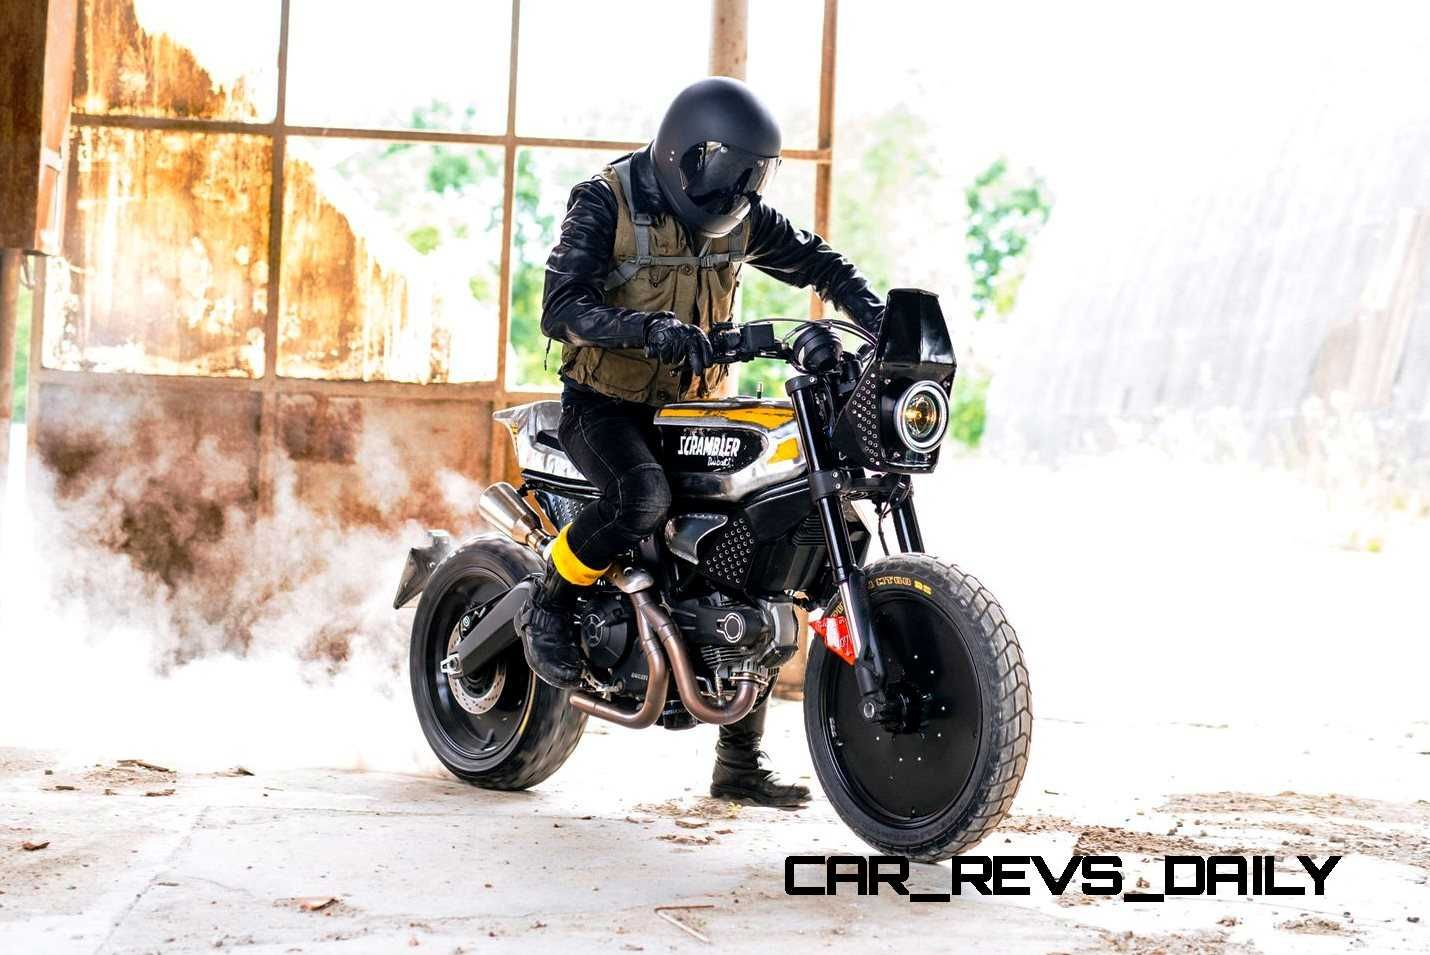 2015 Ducati Scrambler In Two Specials: SC-Rumble by VIBRAZIONI and Scrambler by Radikal Chopper